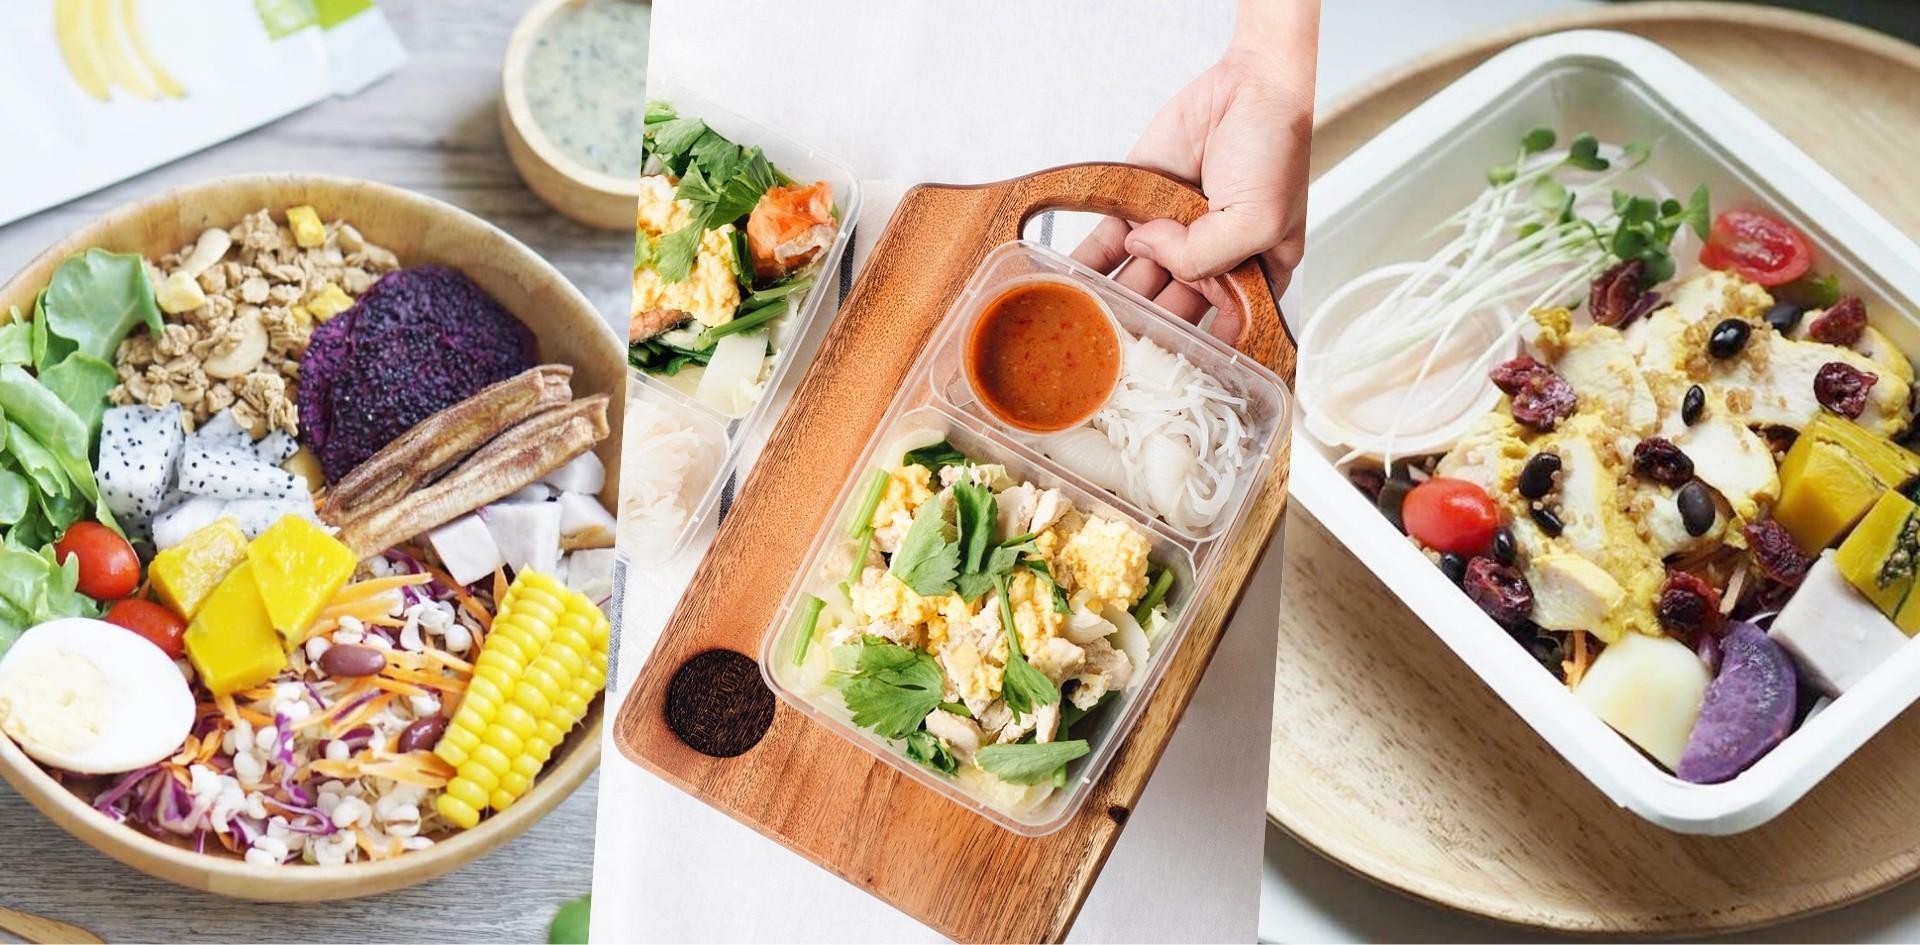 10 ร้านสั่ง 'อาหารคลีน' ในไอจี ที่กินแล้วไม่อ้วน!